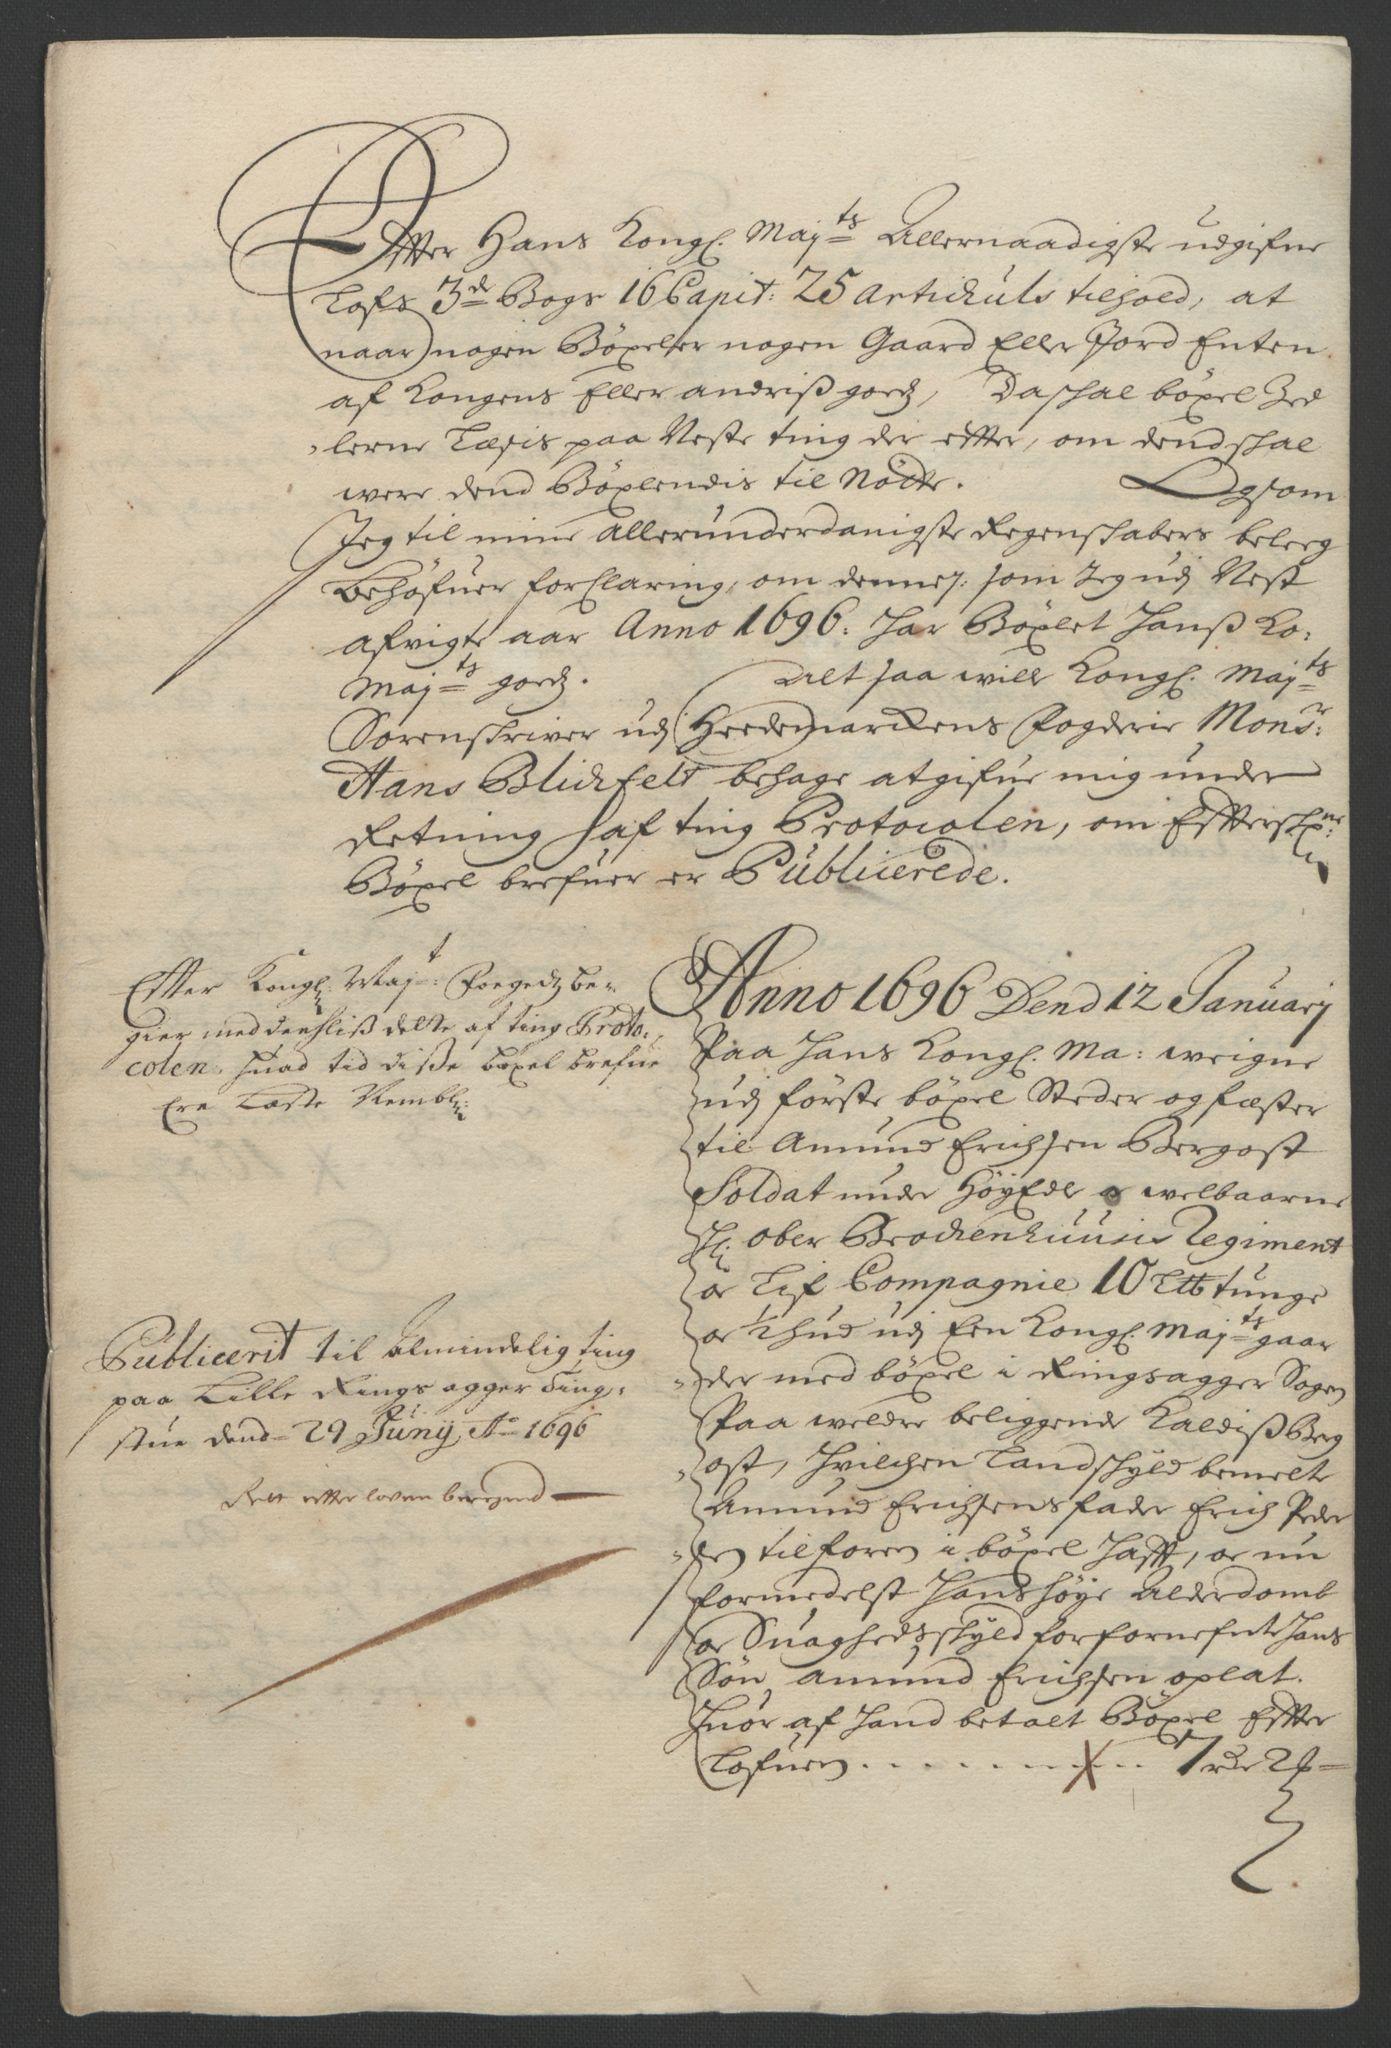 RA, Rentekammeret inntil 1814, Reviderte regnskaper, Fogderegnskap, R16/L1036: Fogderegnskap Hedmark, 1695-1696, s. 321